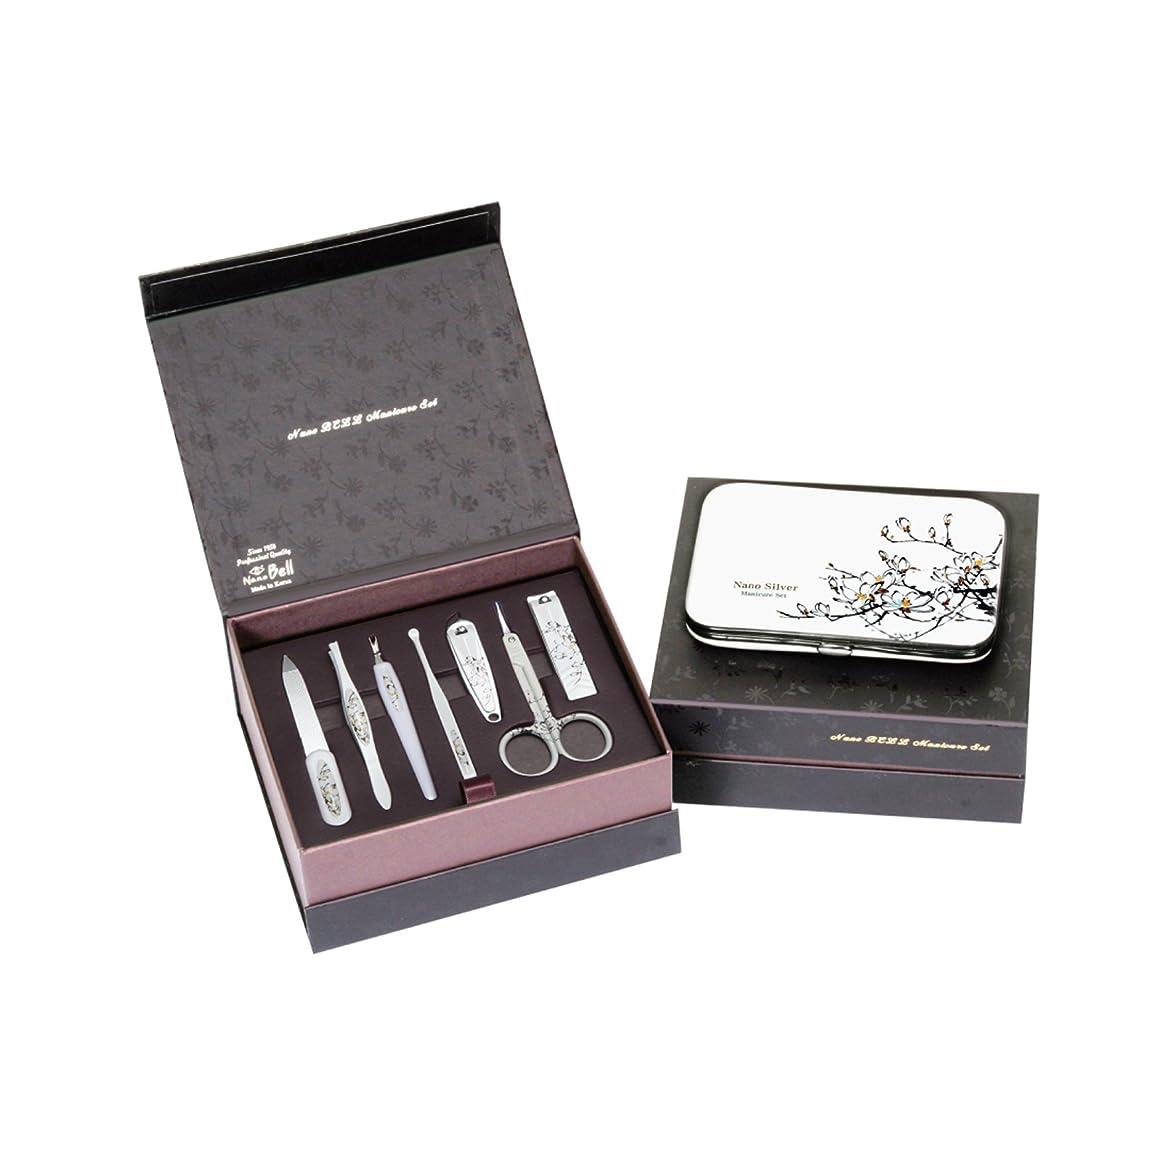 ギャラントリーアカウントどうしたのMETAL BELL Manicure Sets BN-8177A ポータブル爪の管理セット爪切りセット 高品質のネイルケアセット高級感のある東洋画のデザイン Portable Nail Clippers Nail Care Set